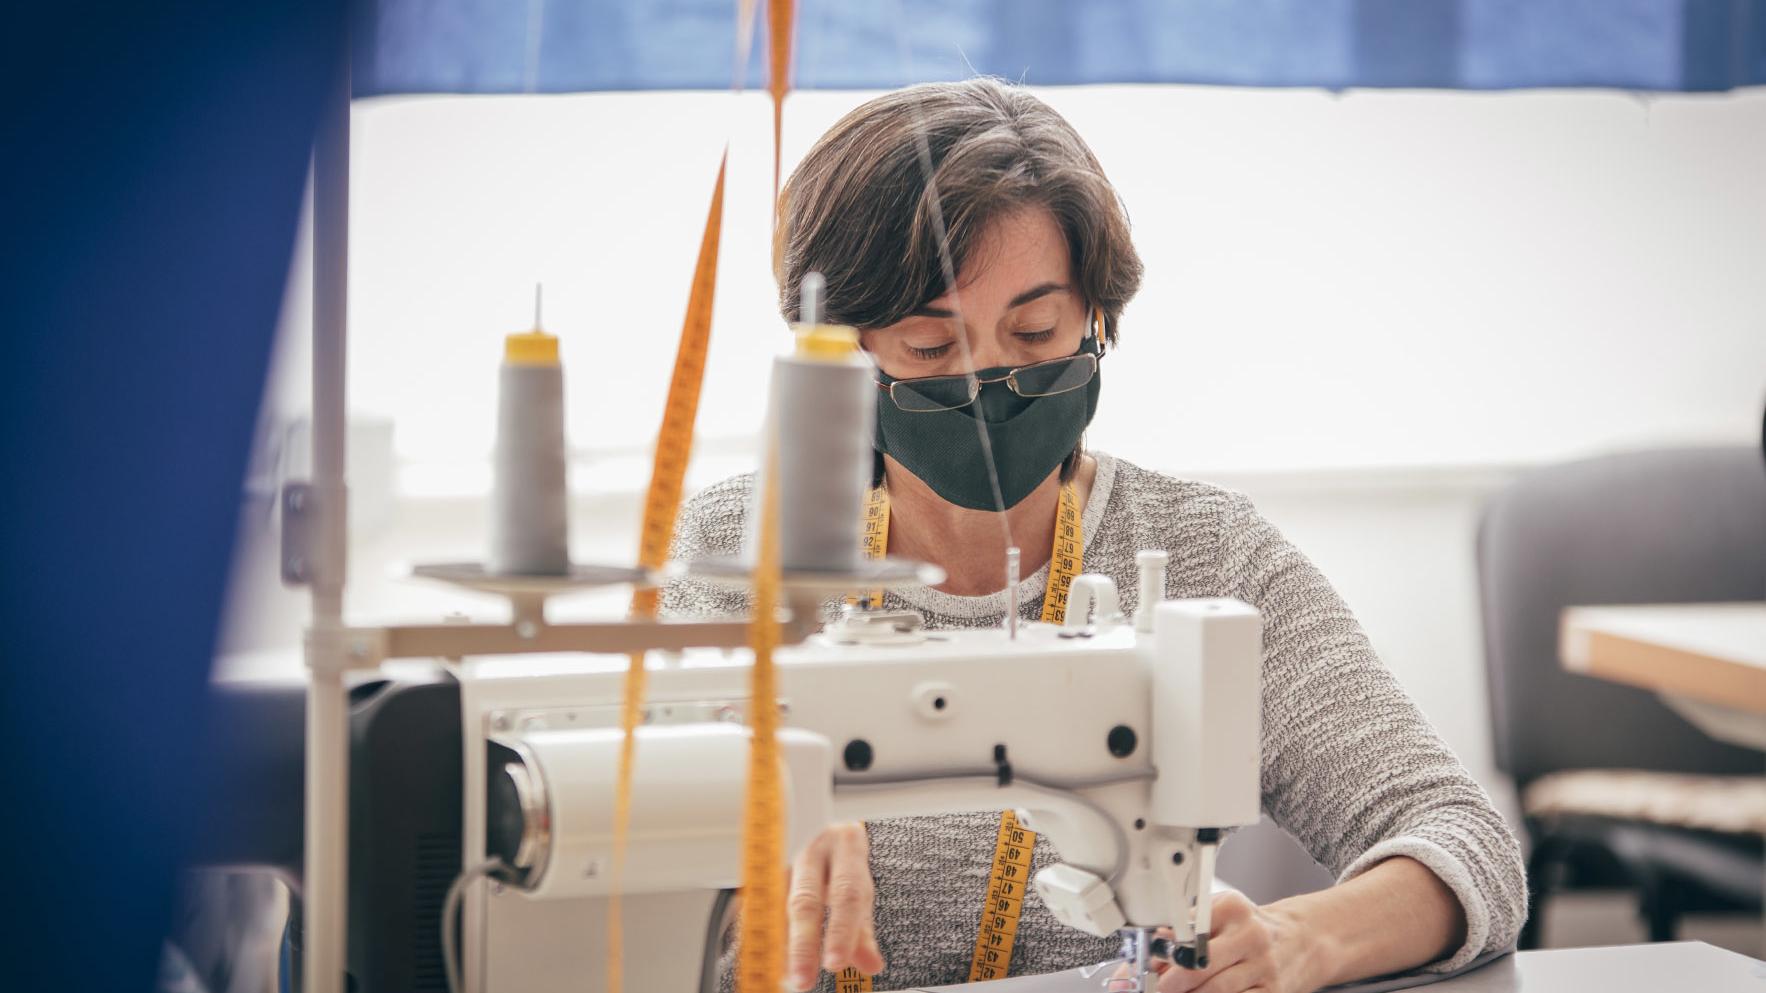 Hazlan Irun Confección Textil personalizado para cualquier sector